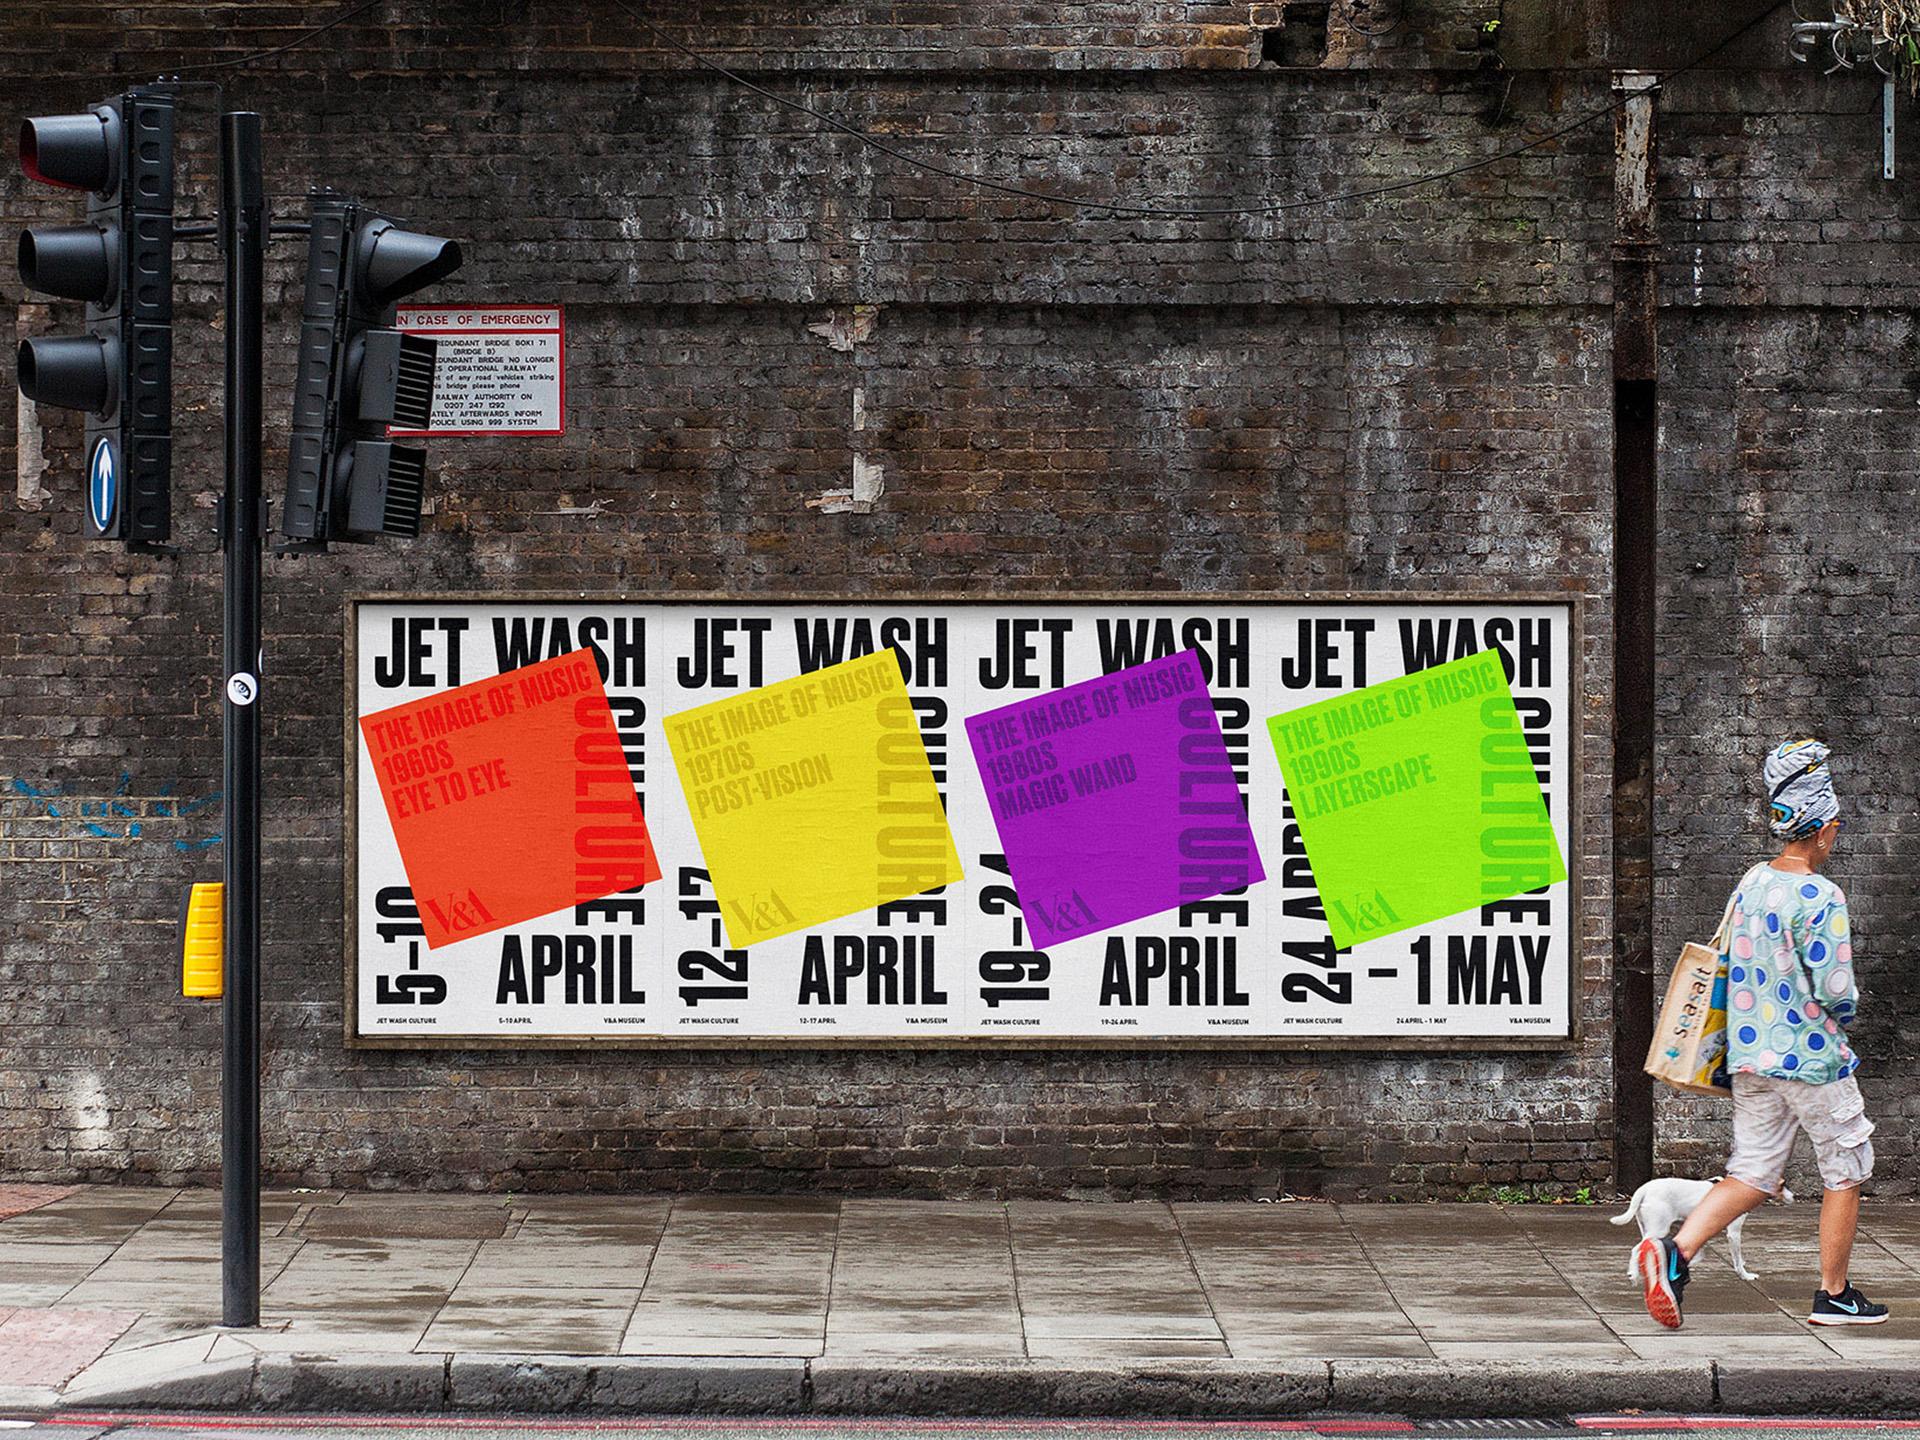 Jetwash_12